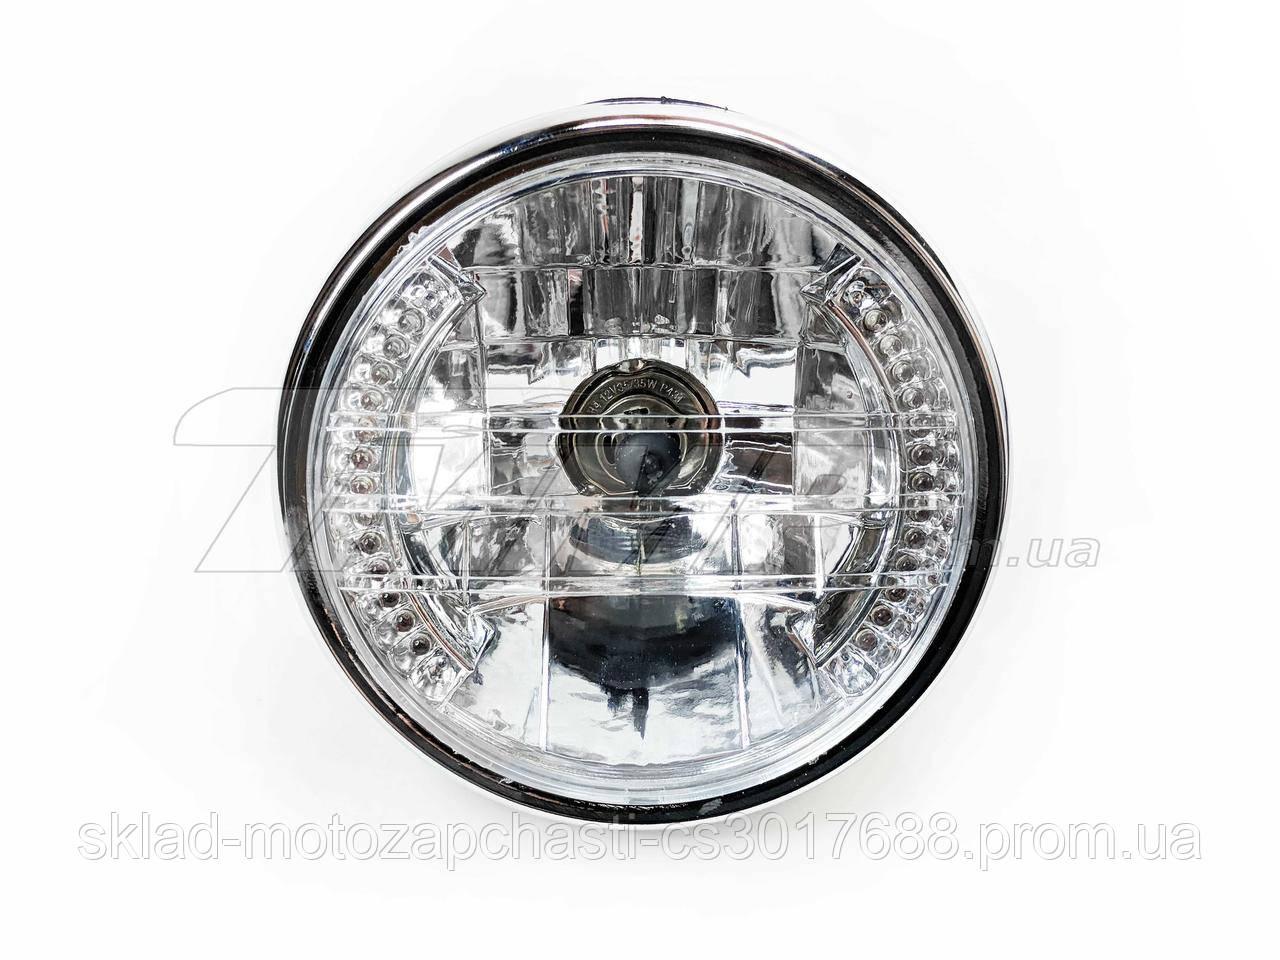 Фара кругла Дельта Альфа з LED підсвічуванням